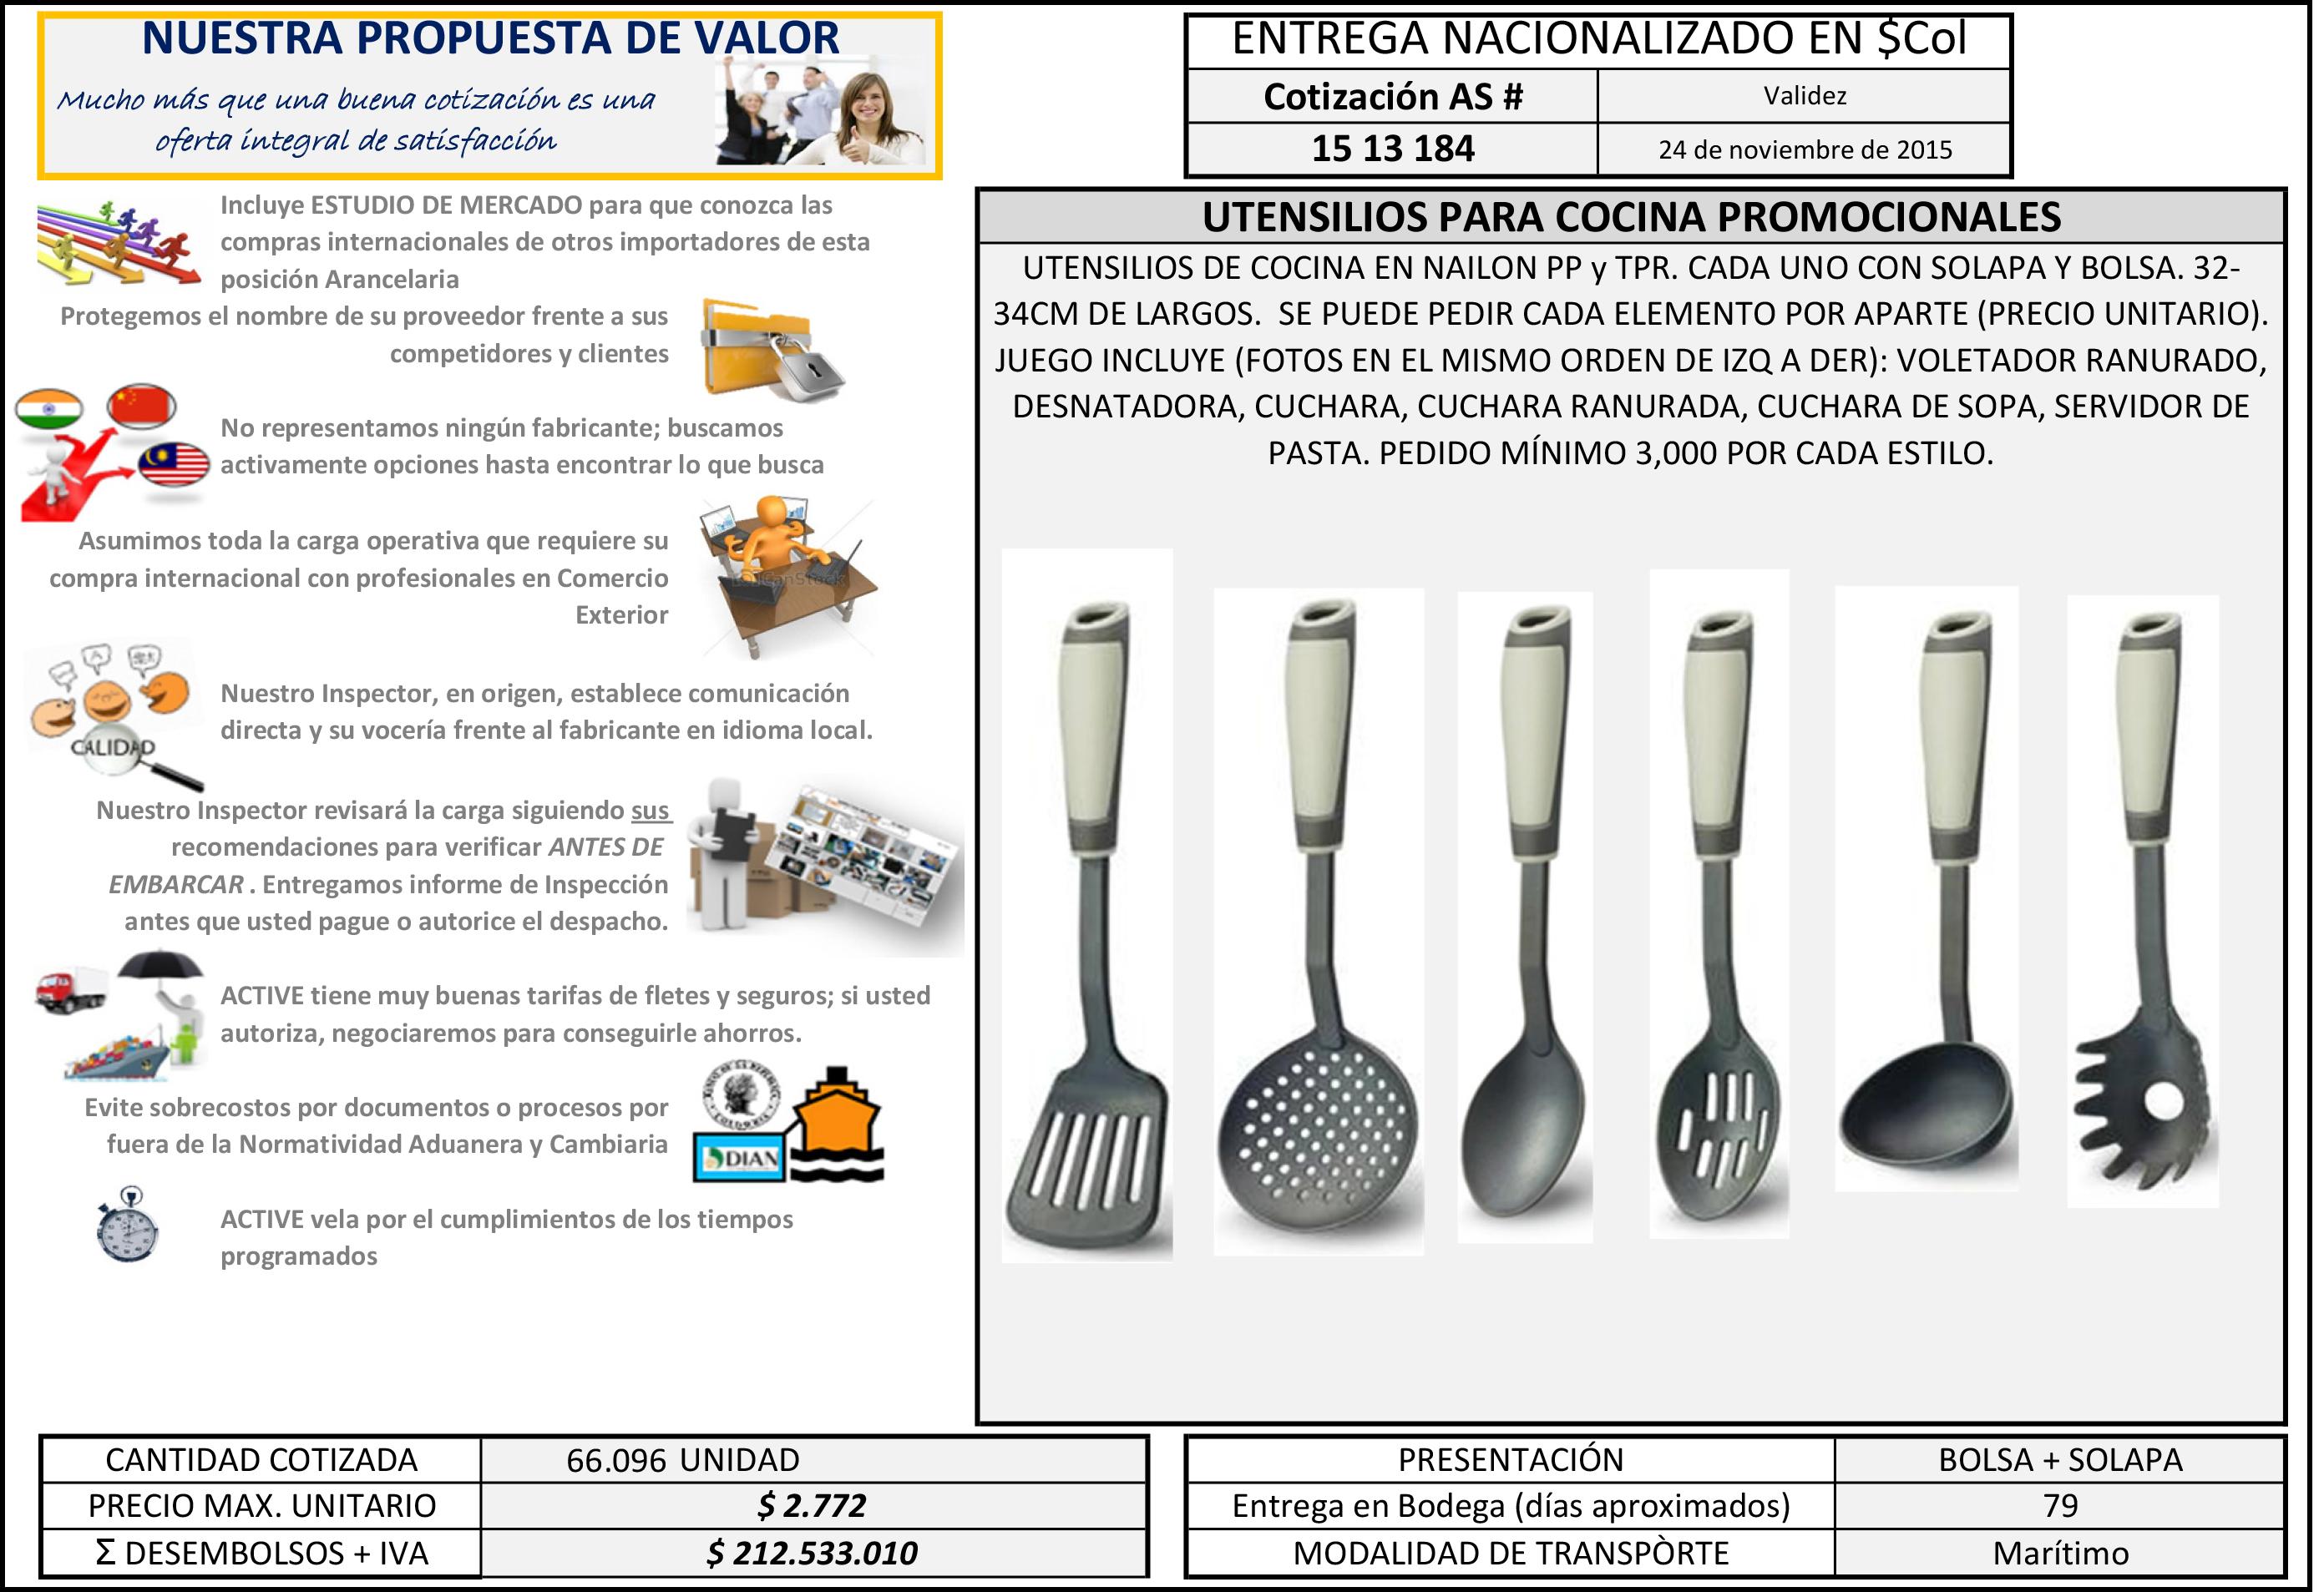 utensilios para cocina promocionales active products